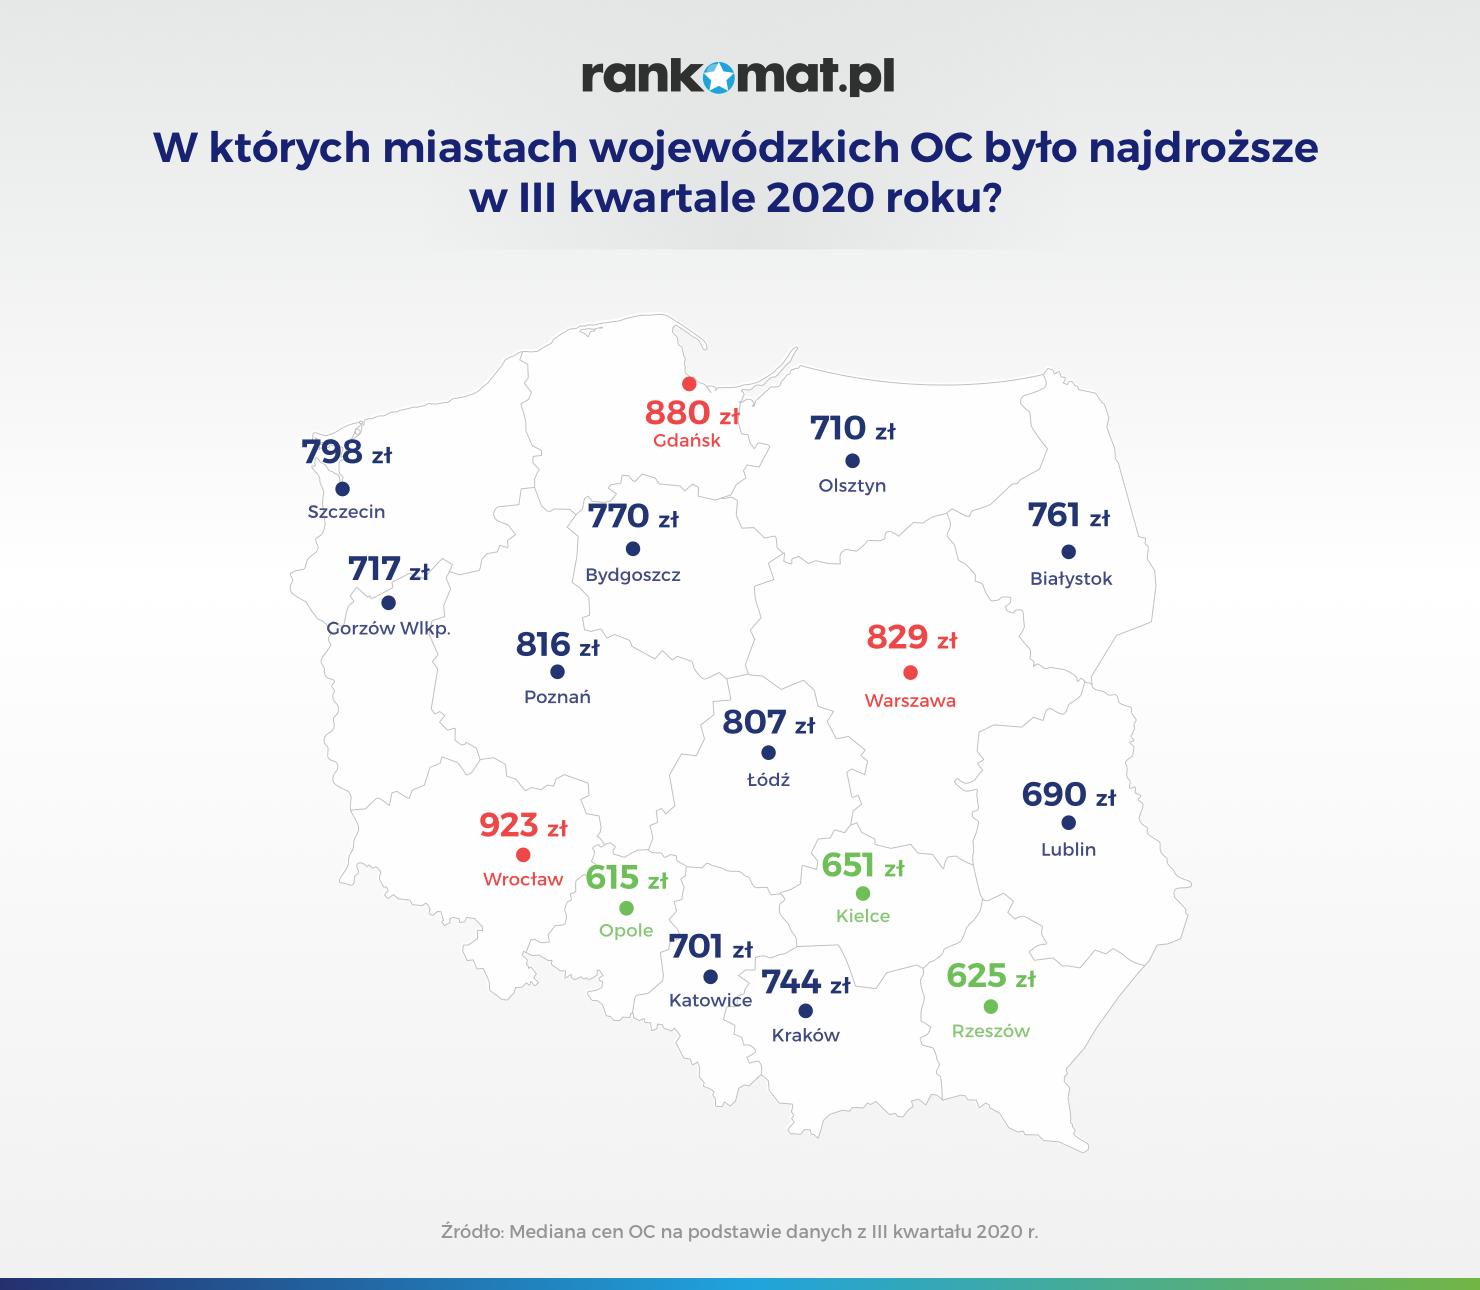 W których miastach wojewódzkich OC było najdroższe w III kwartale 2020 roku_v1